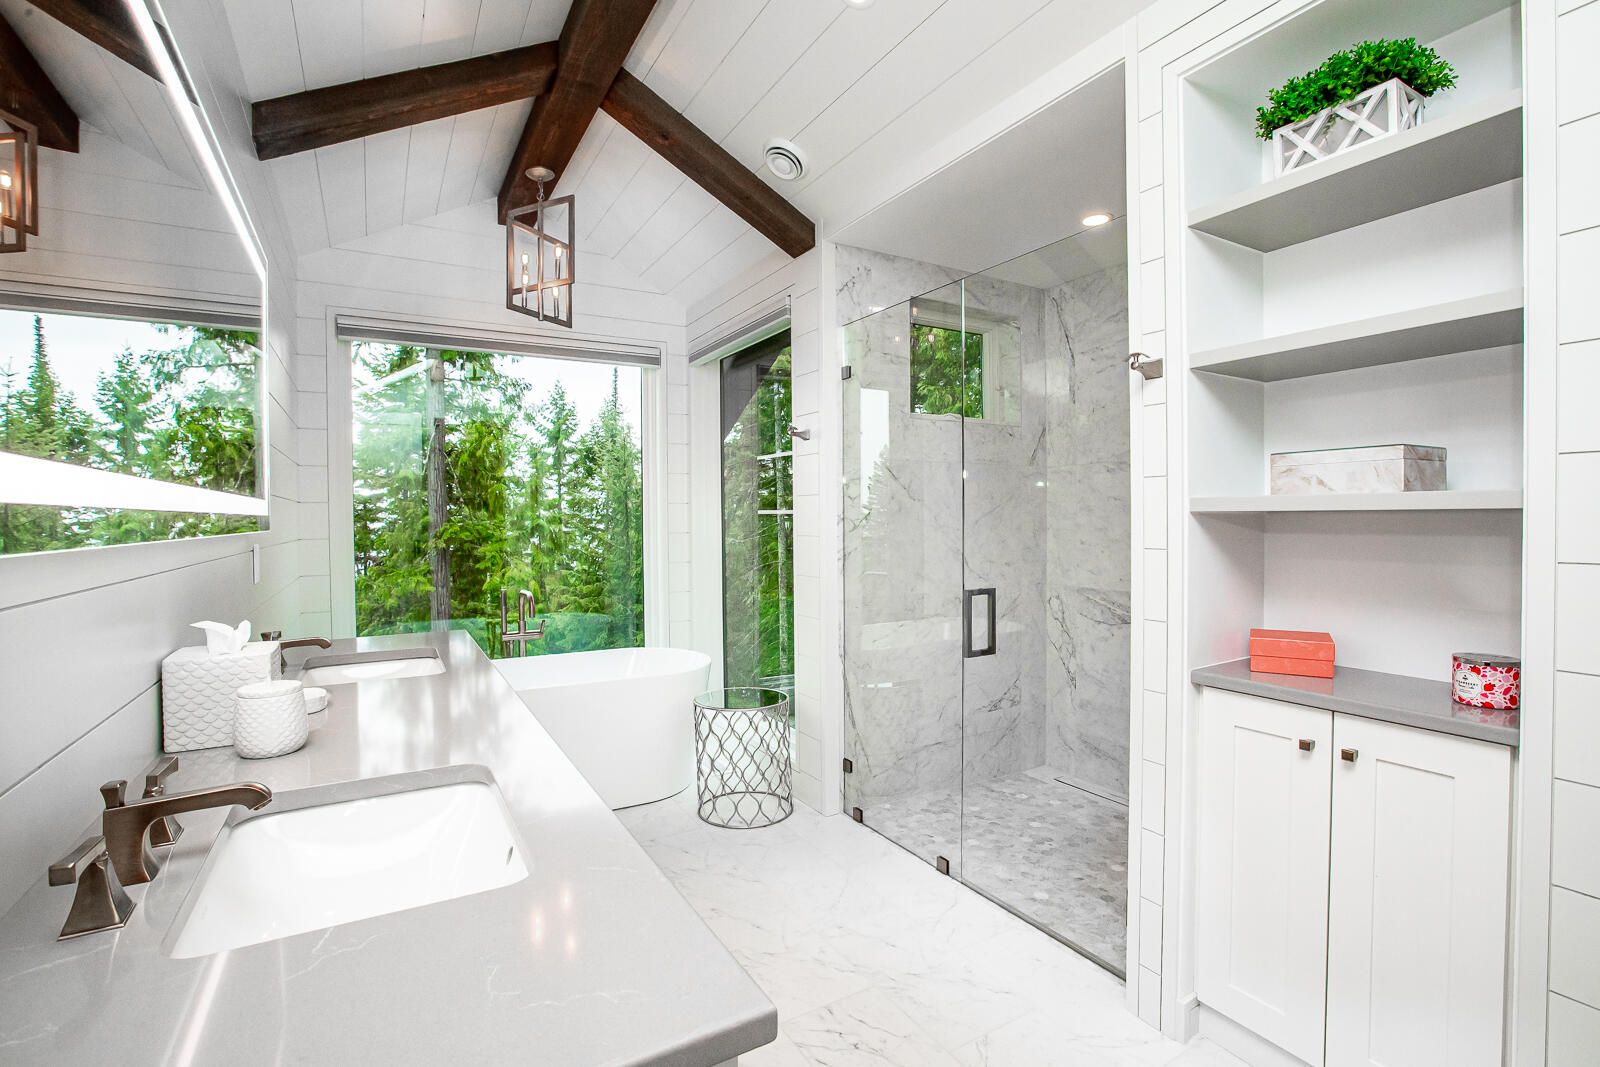 Bed 1 Bathroom